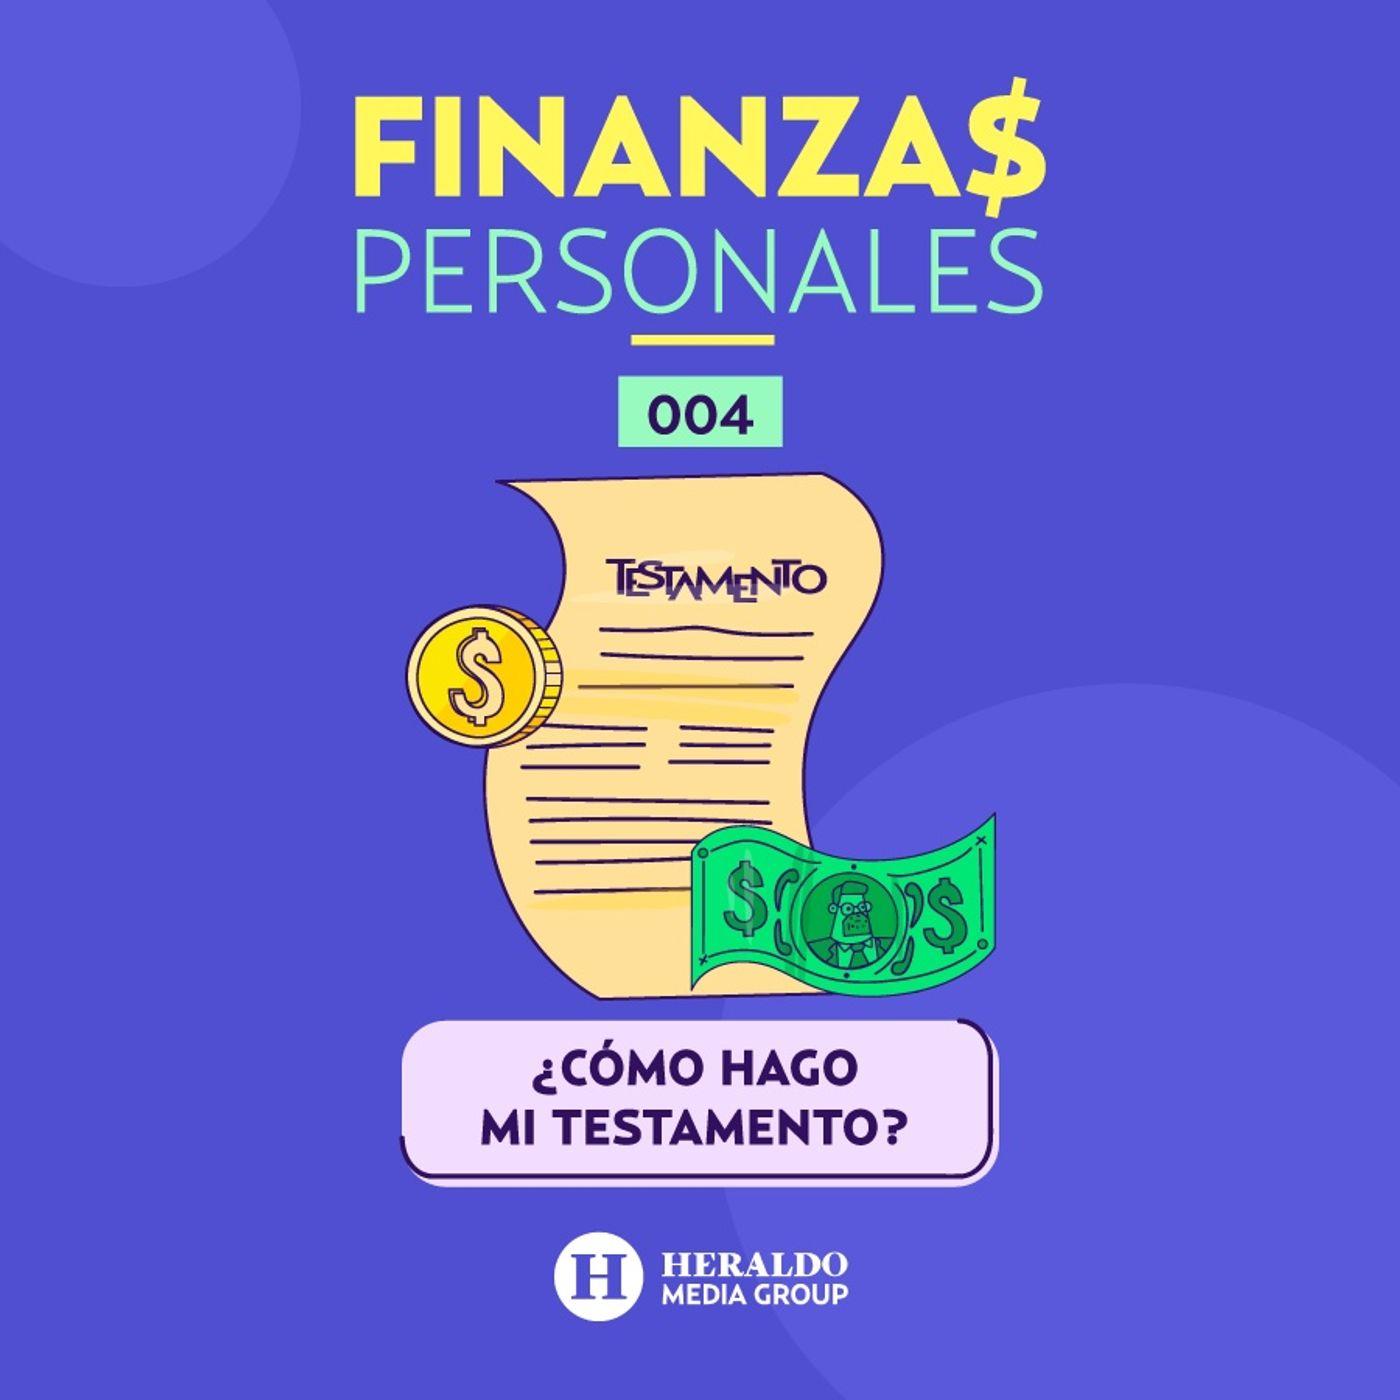 ¿Cómo hacer un testamento? | Finanzas Personales sobre la repartición de bienes